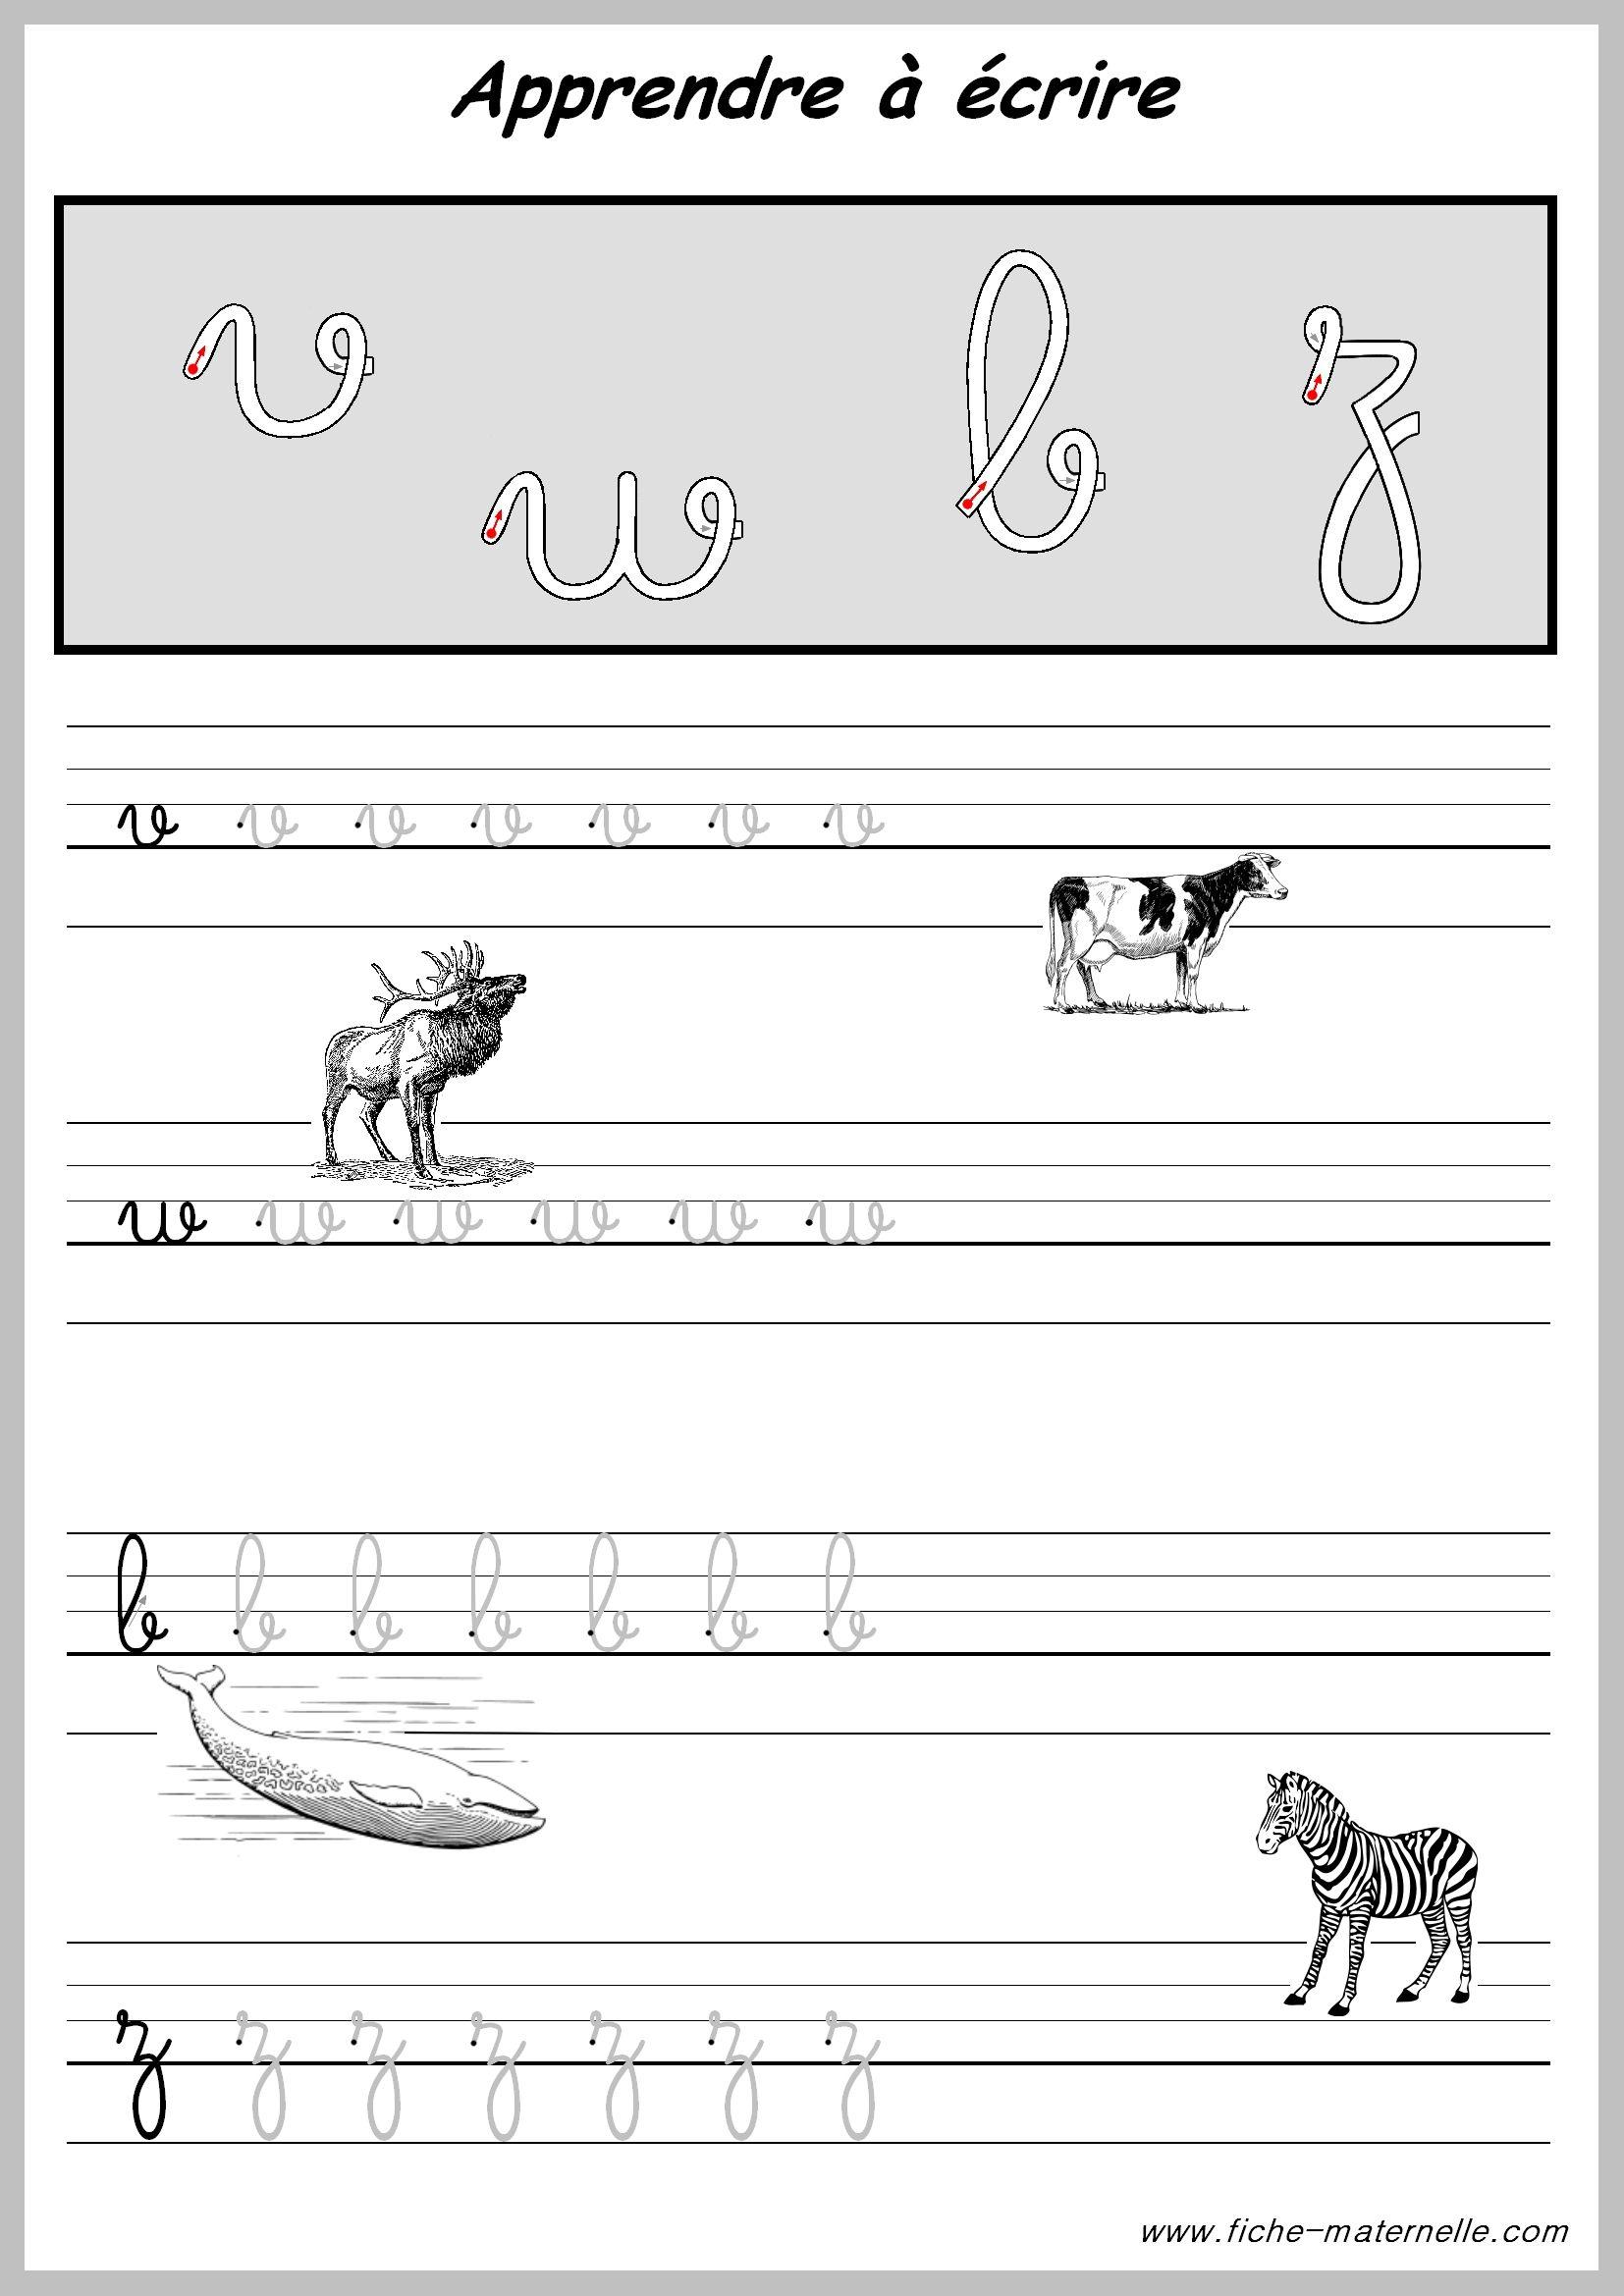 Exercices Pratiques Pour Apprendre A Ecrire. | Apprendre À destiné Apprendre A Écrire Les Lettres